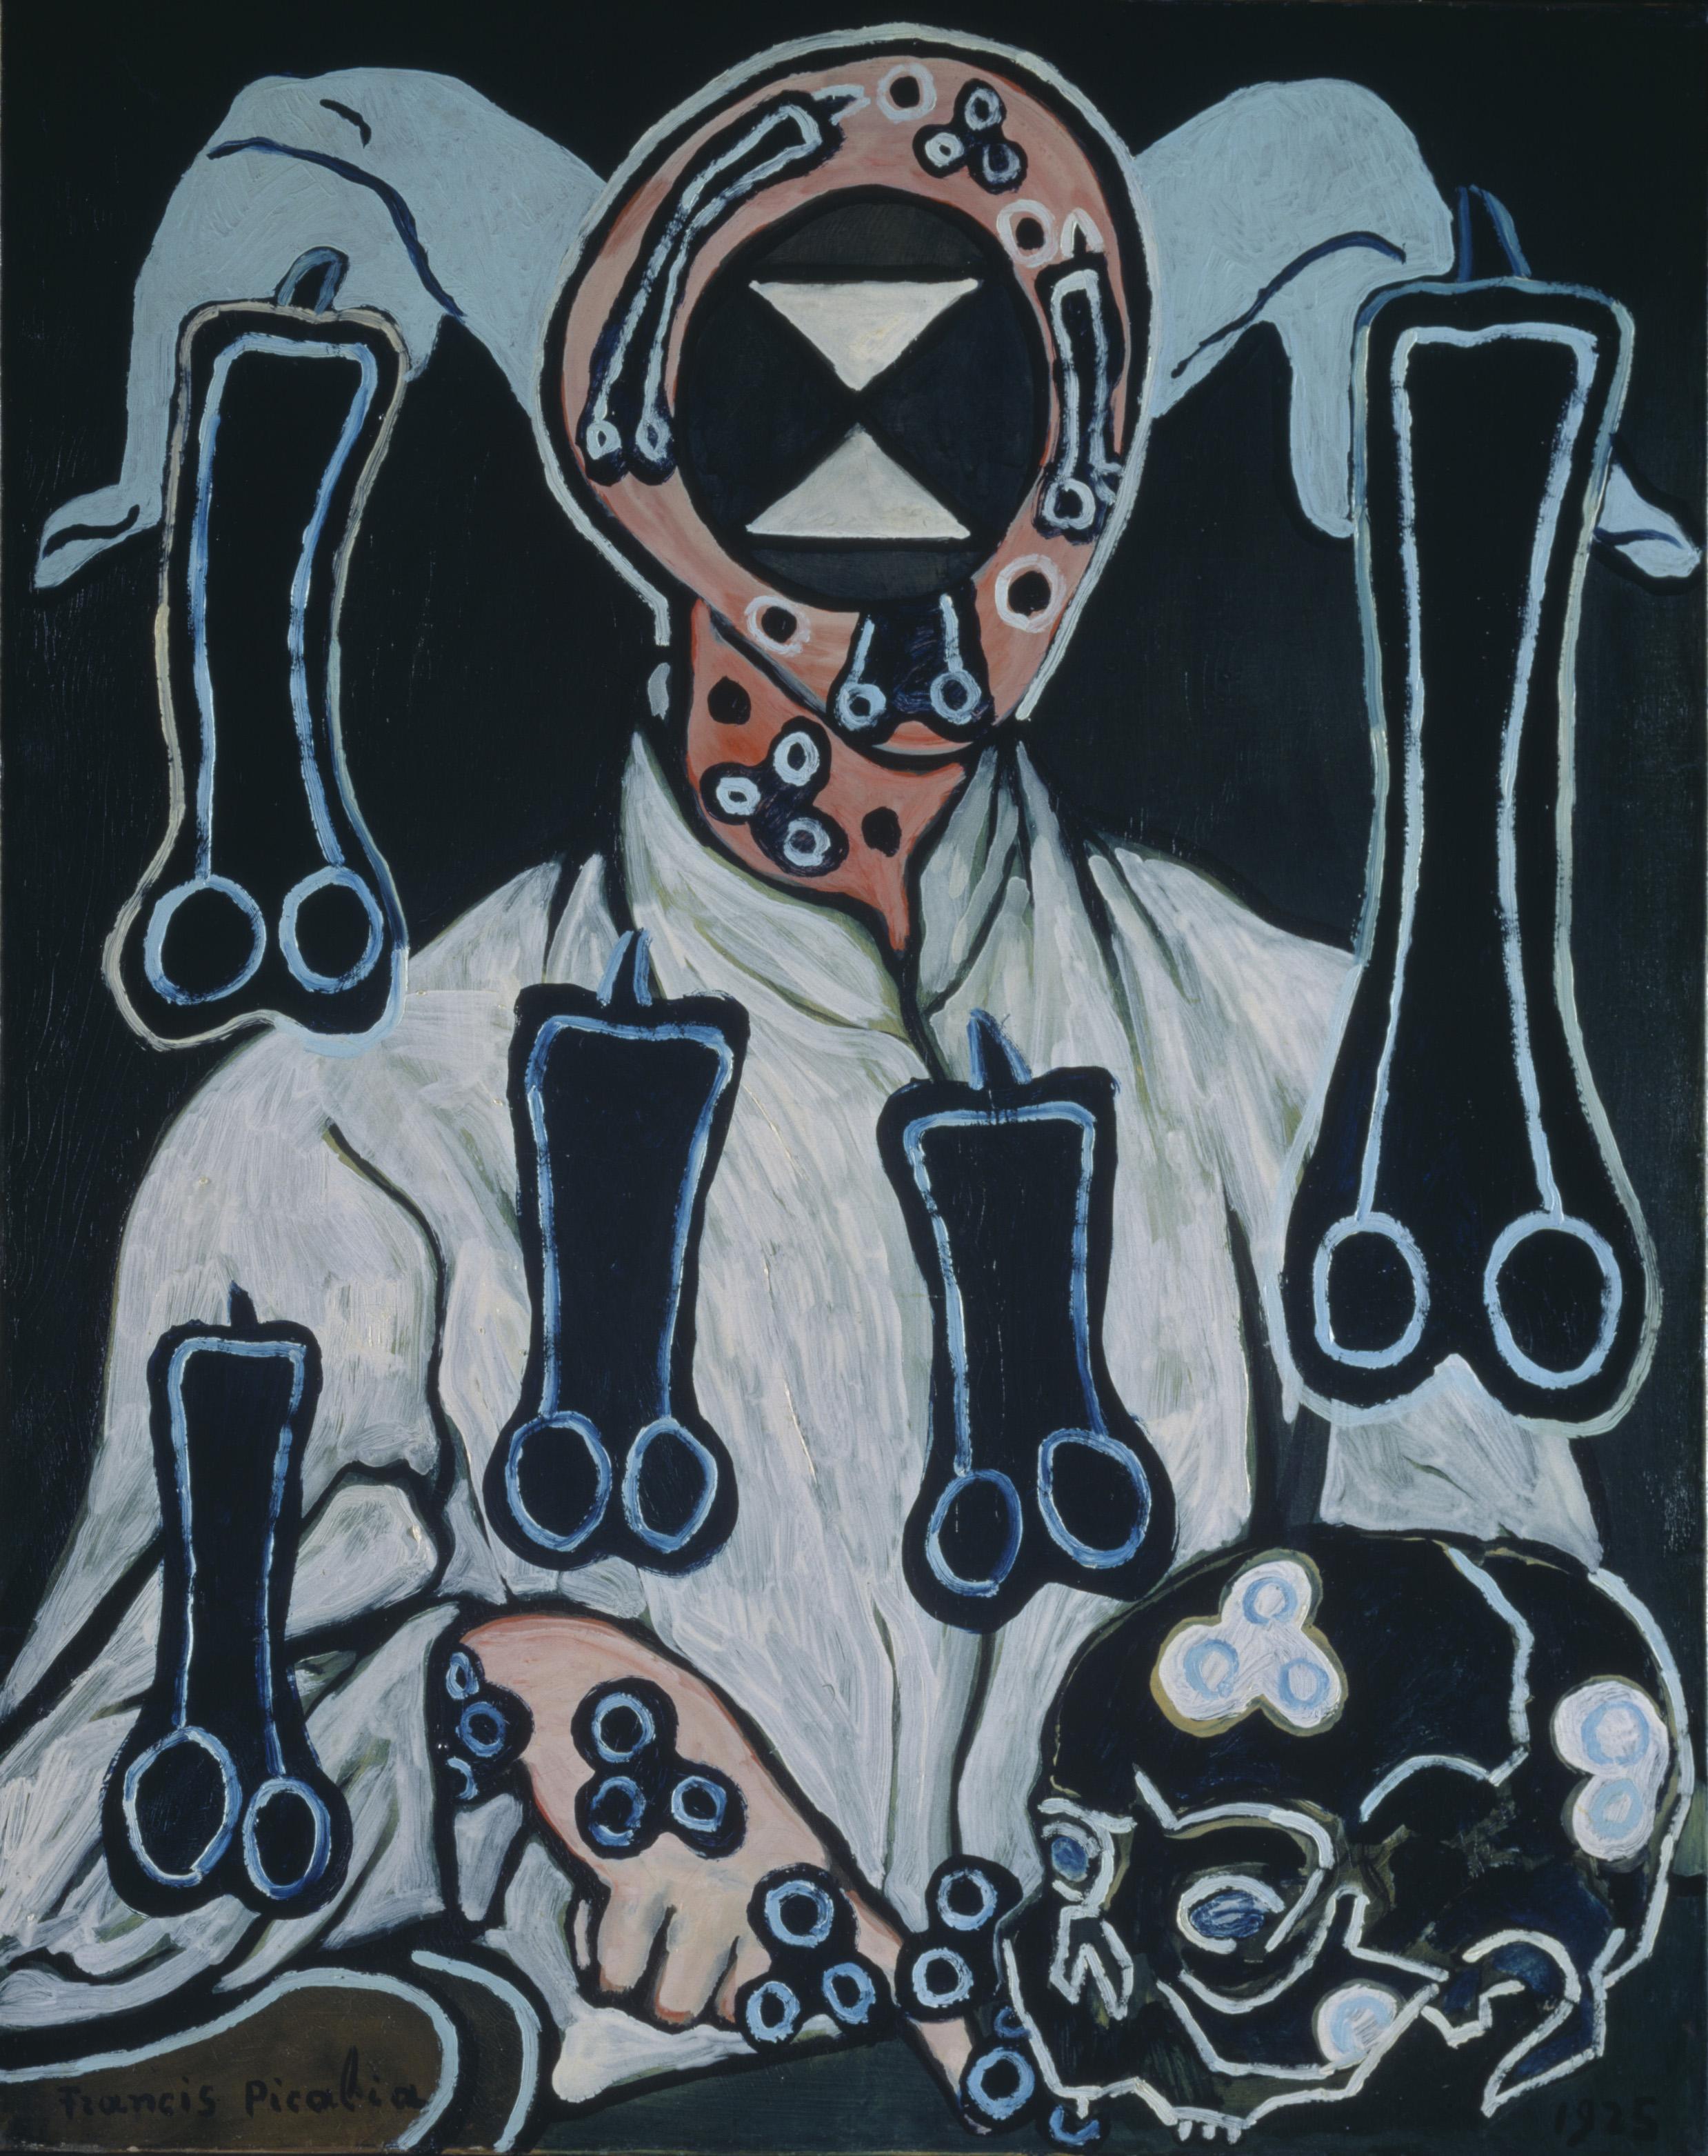 Francis Picabia (French, 1879–1953). Portrait d'un docteur (Portrait of a Doctor). 1935/c. 1938. Oil on canvas